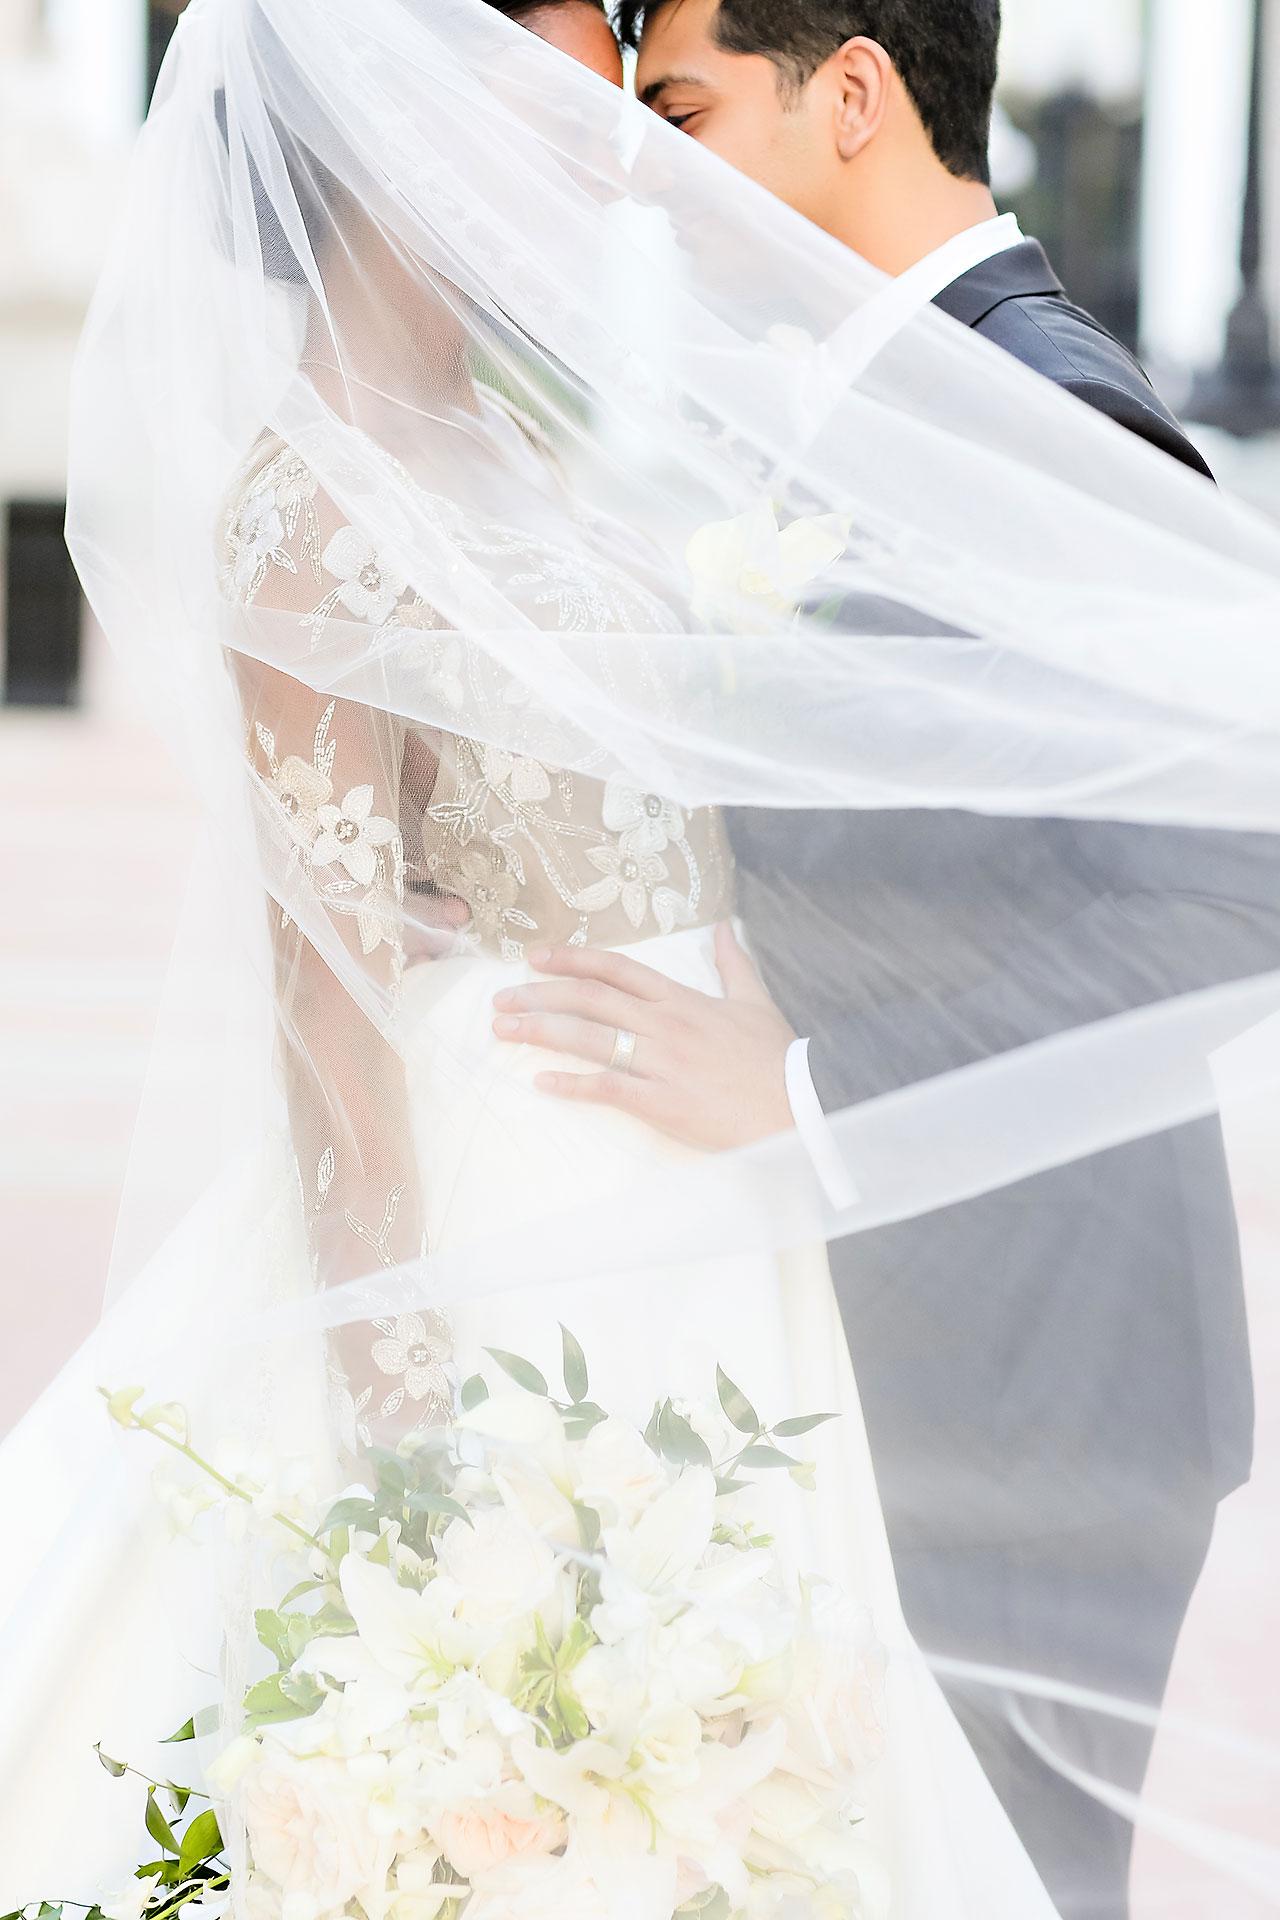 Joie Nikhil Indianapolis Christian Wedding 206